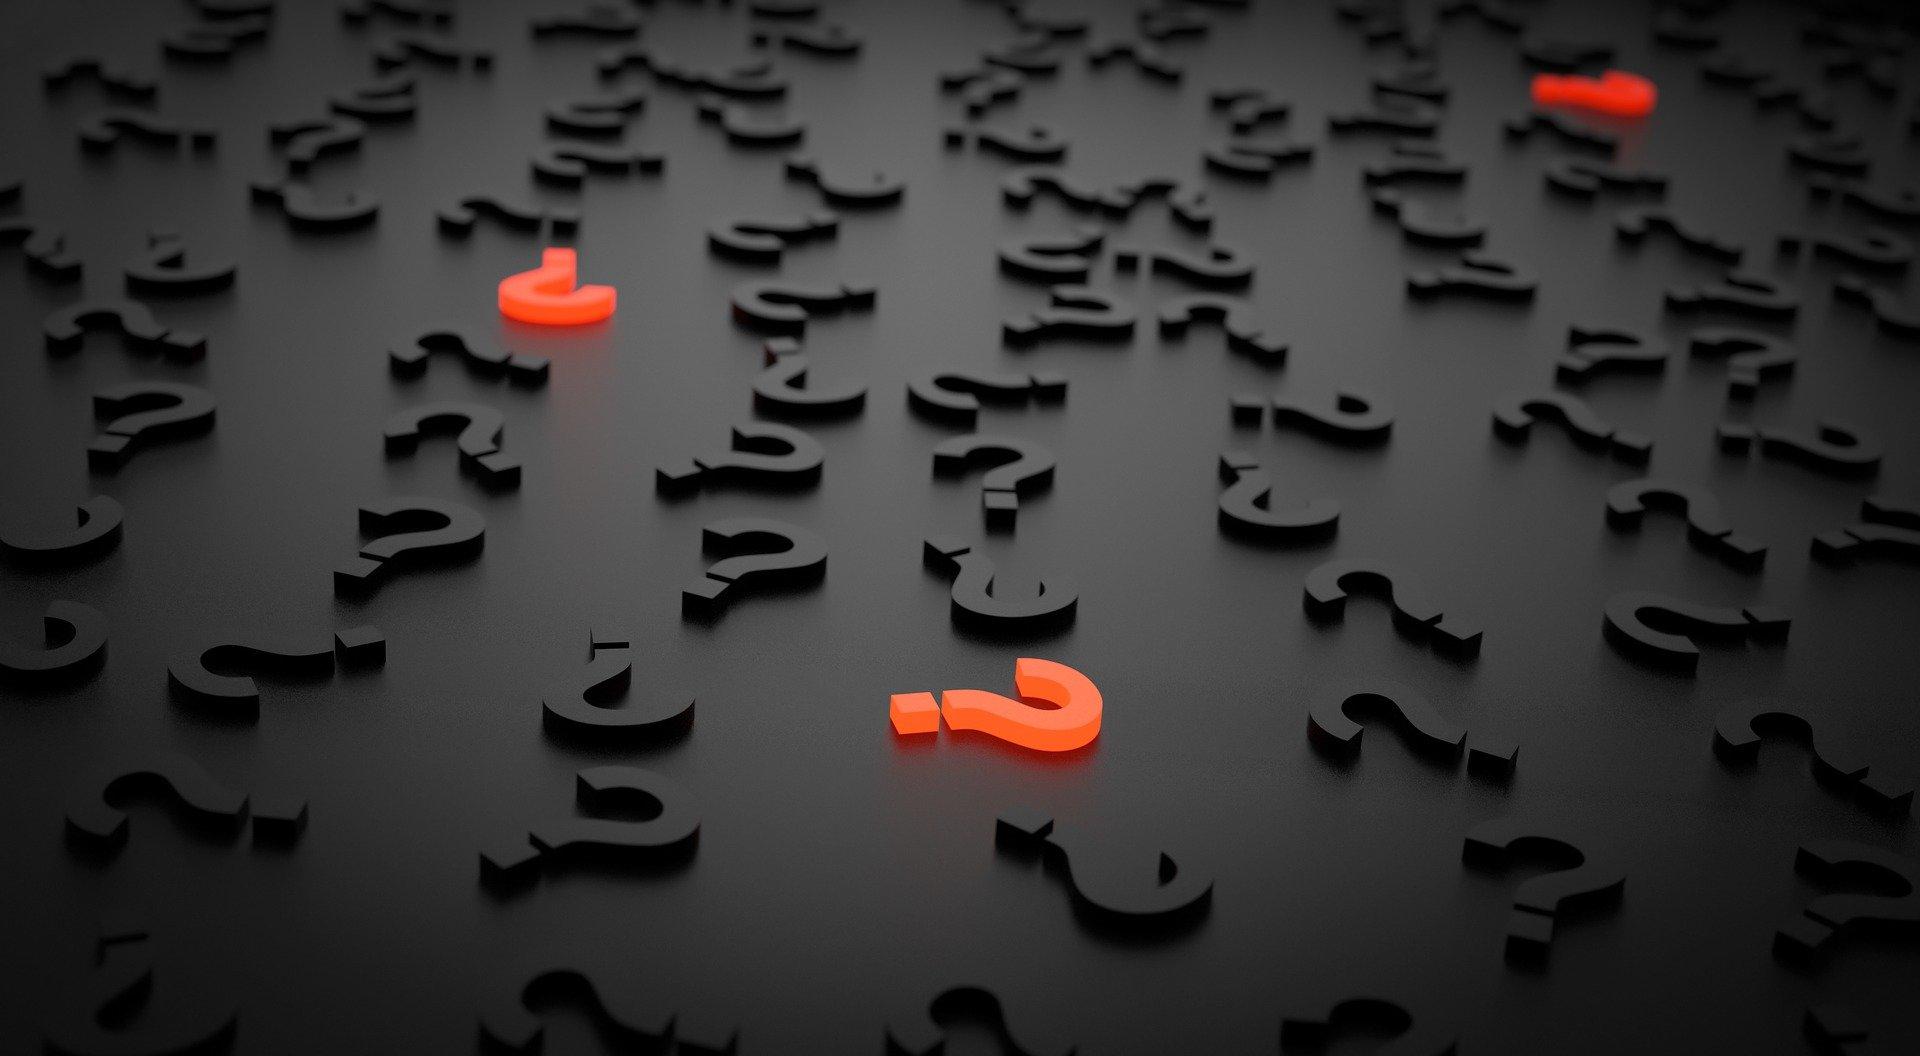 Wie wir Entscheidungen treffen, hängt davon ab, wie unsicher wir sind